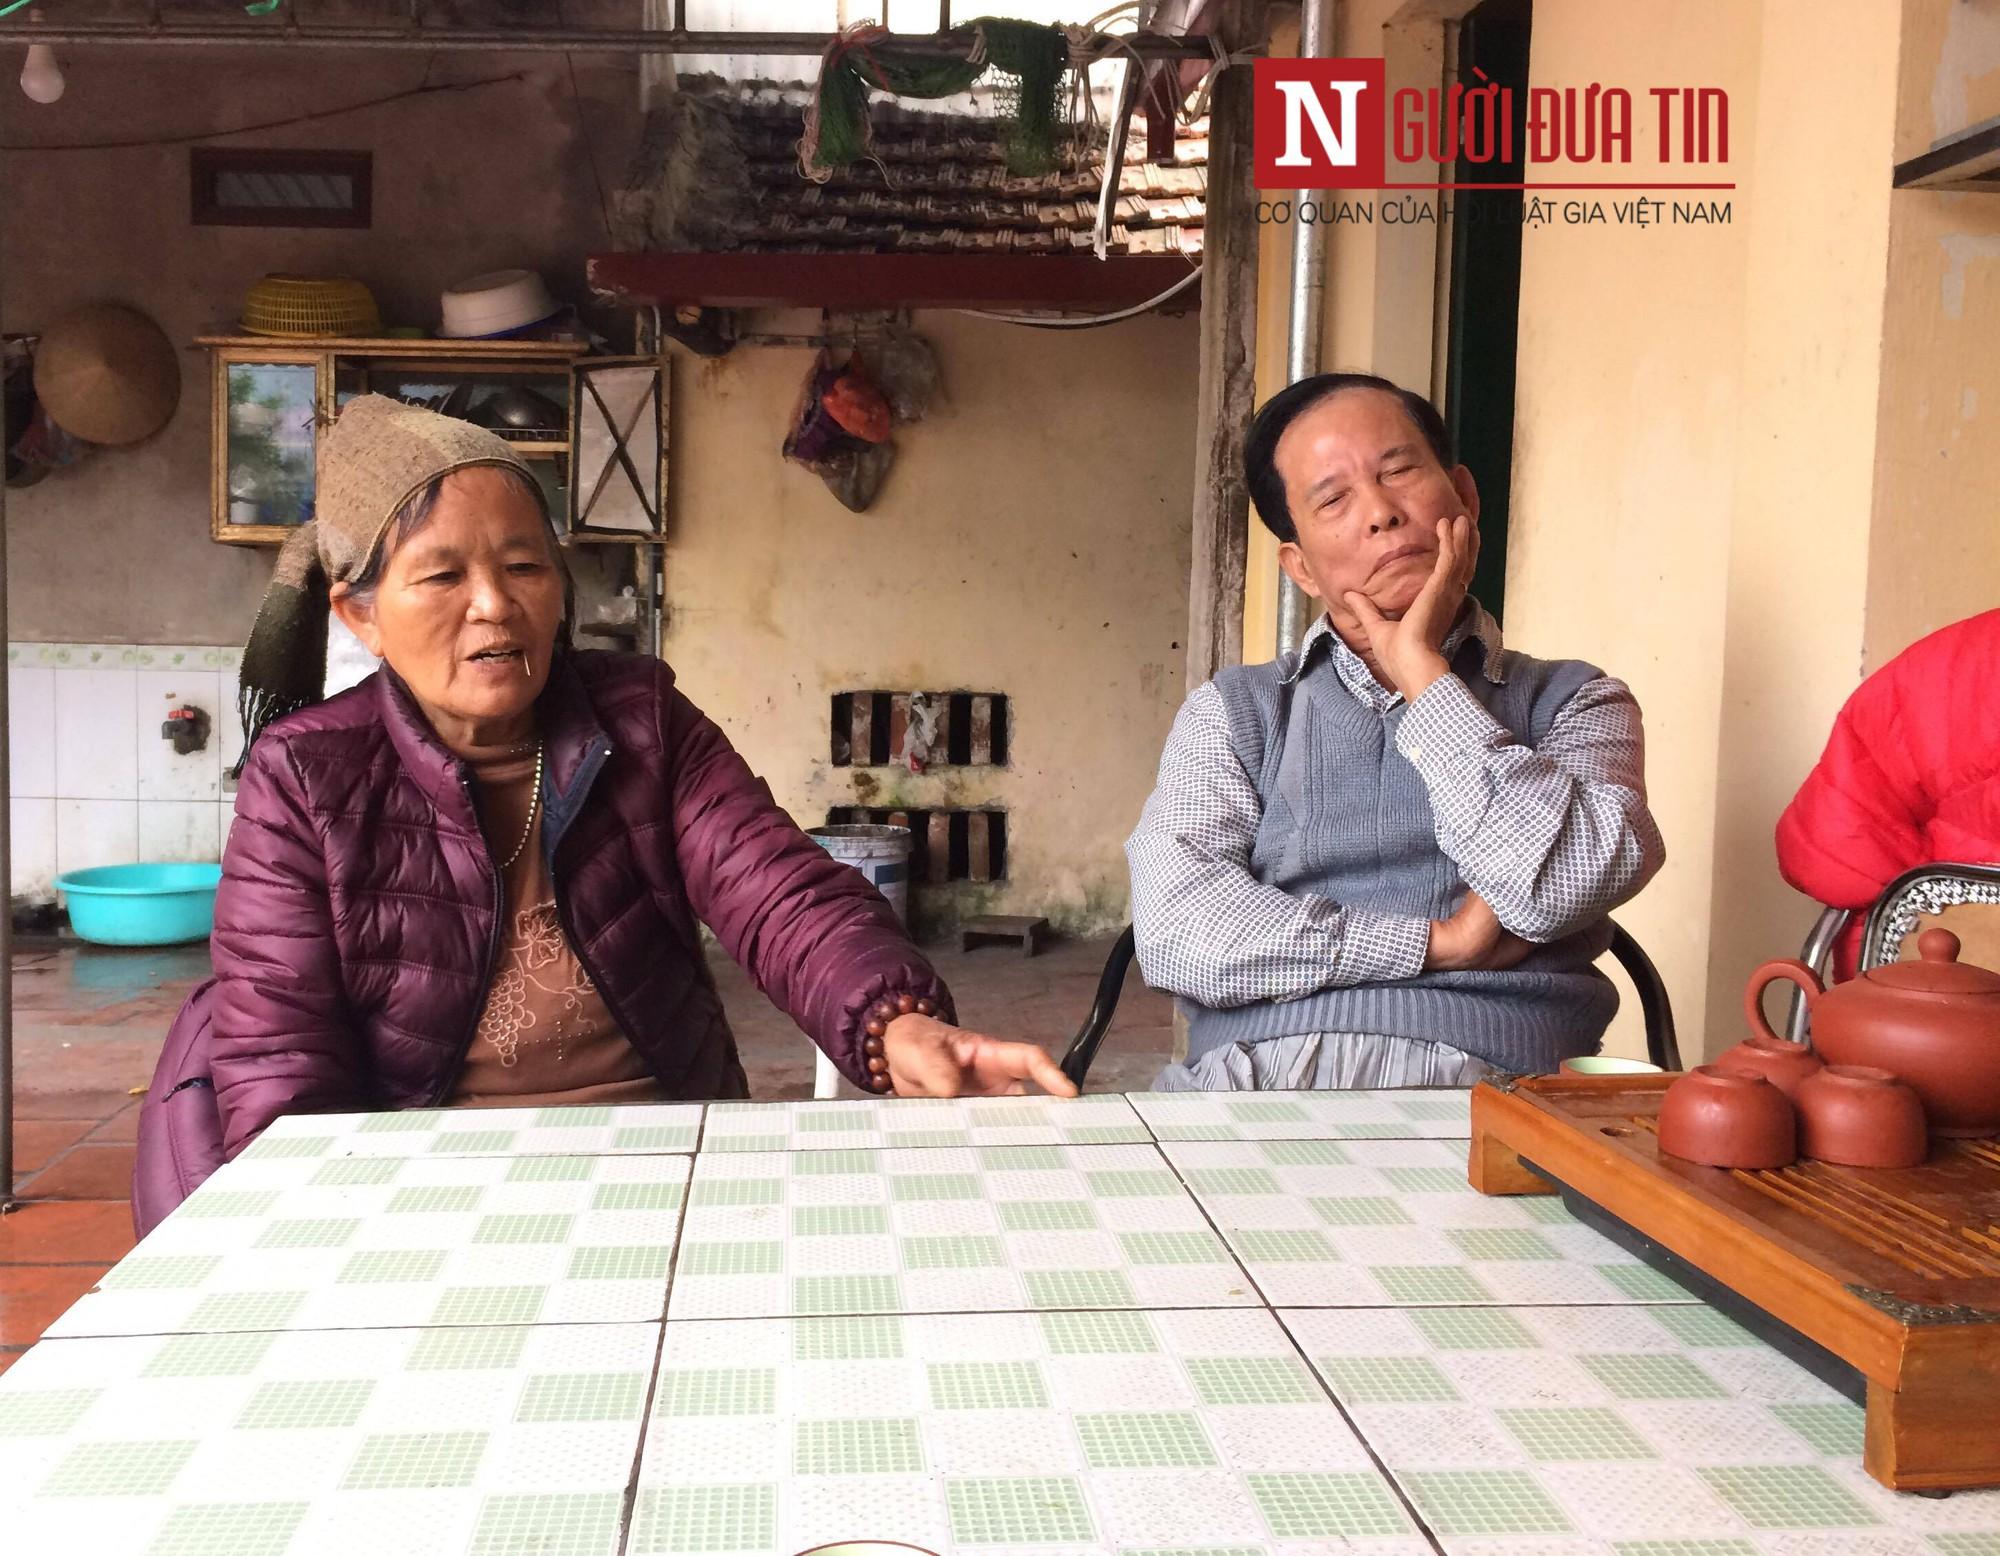 Mang thịt thối vào trường ở Bắc Ninh: Tiết lộ bất ngờ về bà Hiệu trưởng hàng xóm và sự phẫn uất của người dân - Ảnh 1.